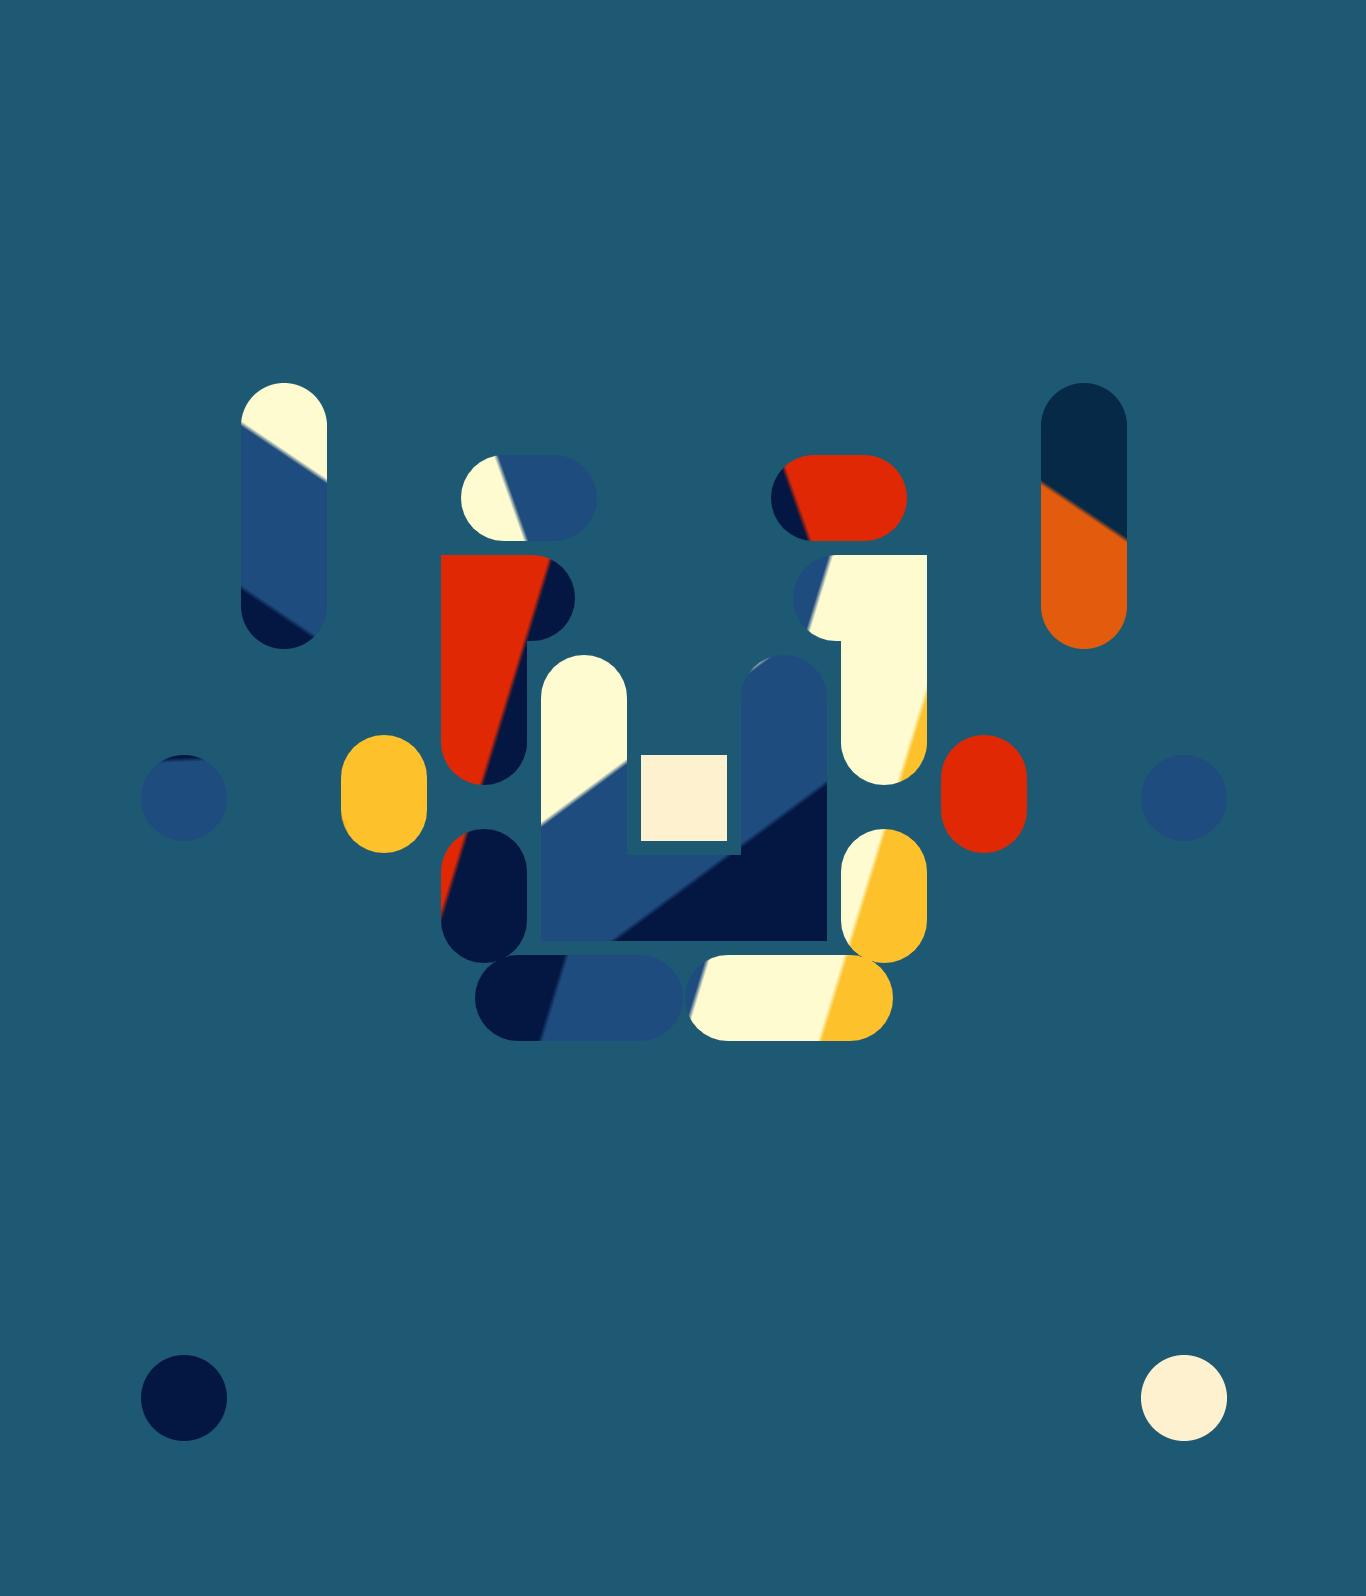 isolation-pixel-static-93